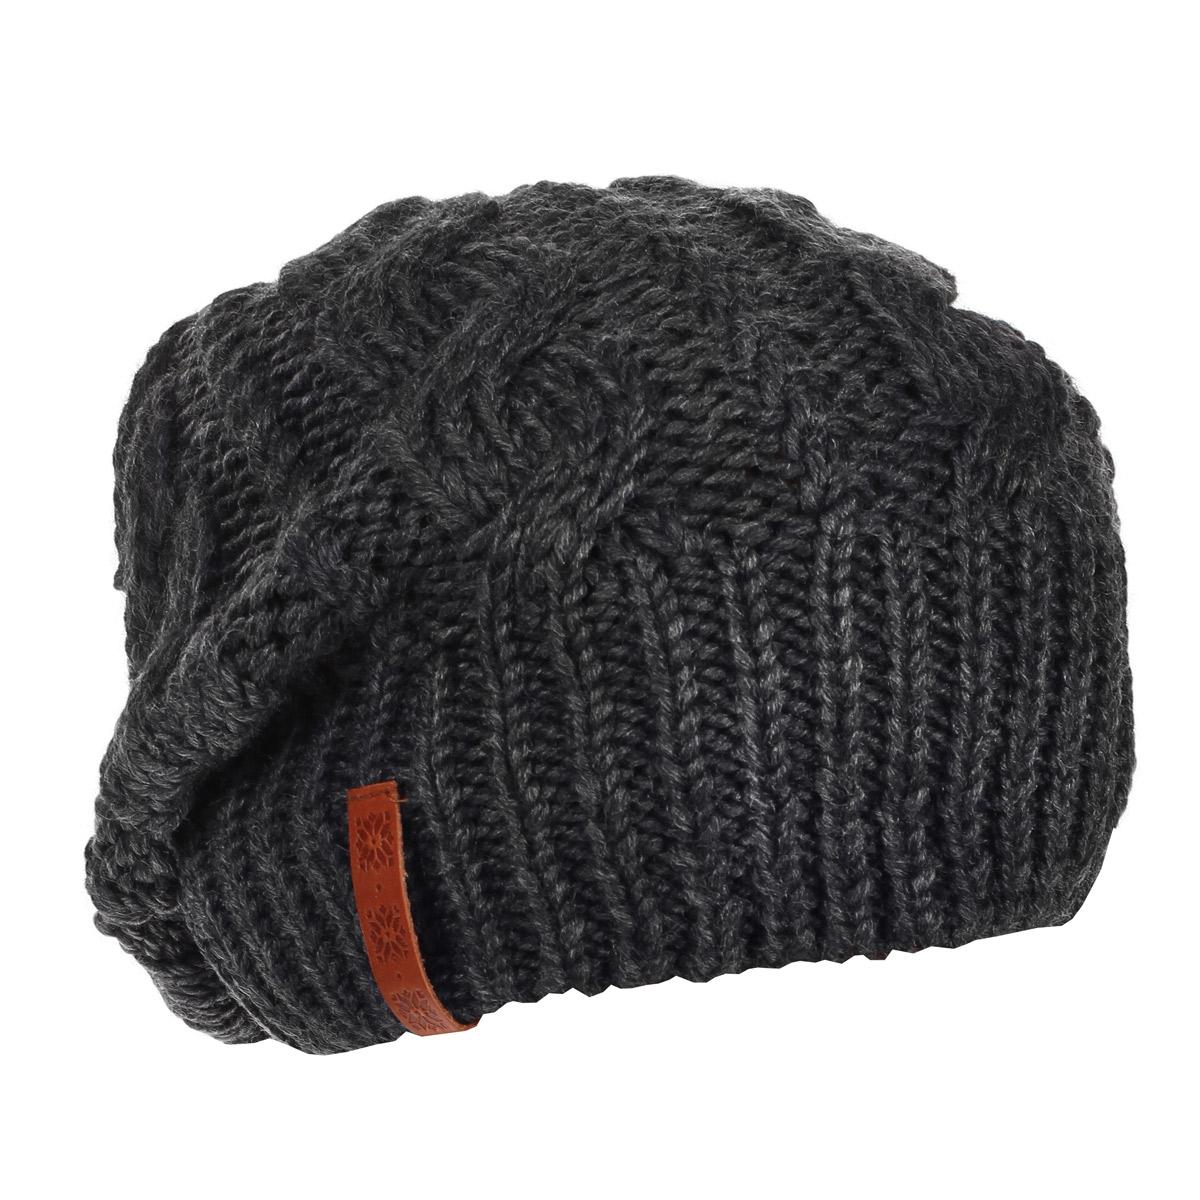 Шапка мужская. 40934093Мужская вязаная шапка Marhatter выполнена из шерсти и акрила. Шапка превосходно сохраняет тепло, мягкая и идеально прилегает к голове. Шапка оформлена вязаным узором.